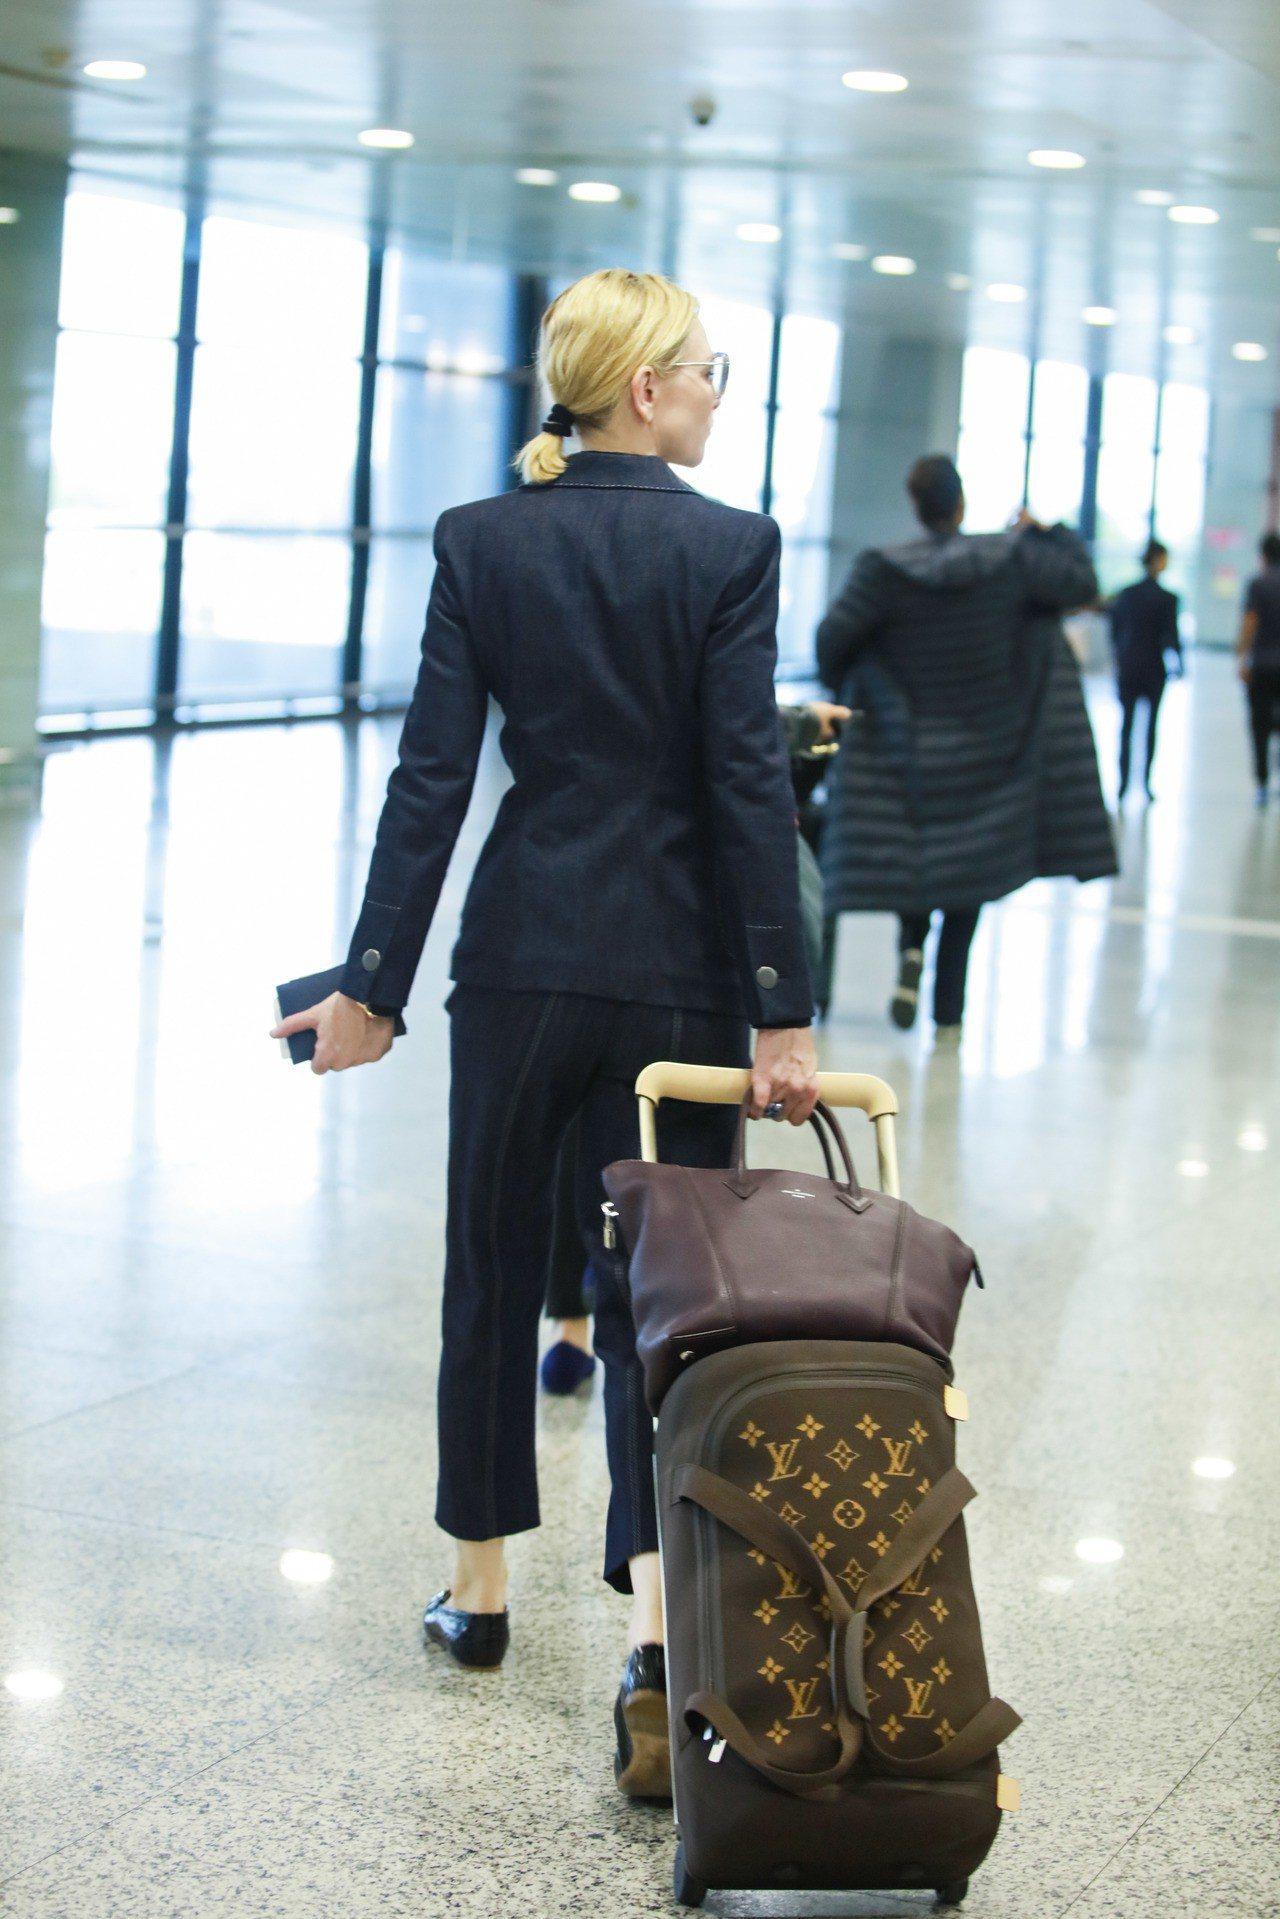 凱特.布蘭琪僅是拉著行李箱,都散發走紅毯的巨星氣場。圖/LV提供